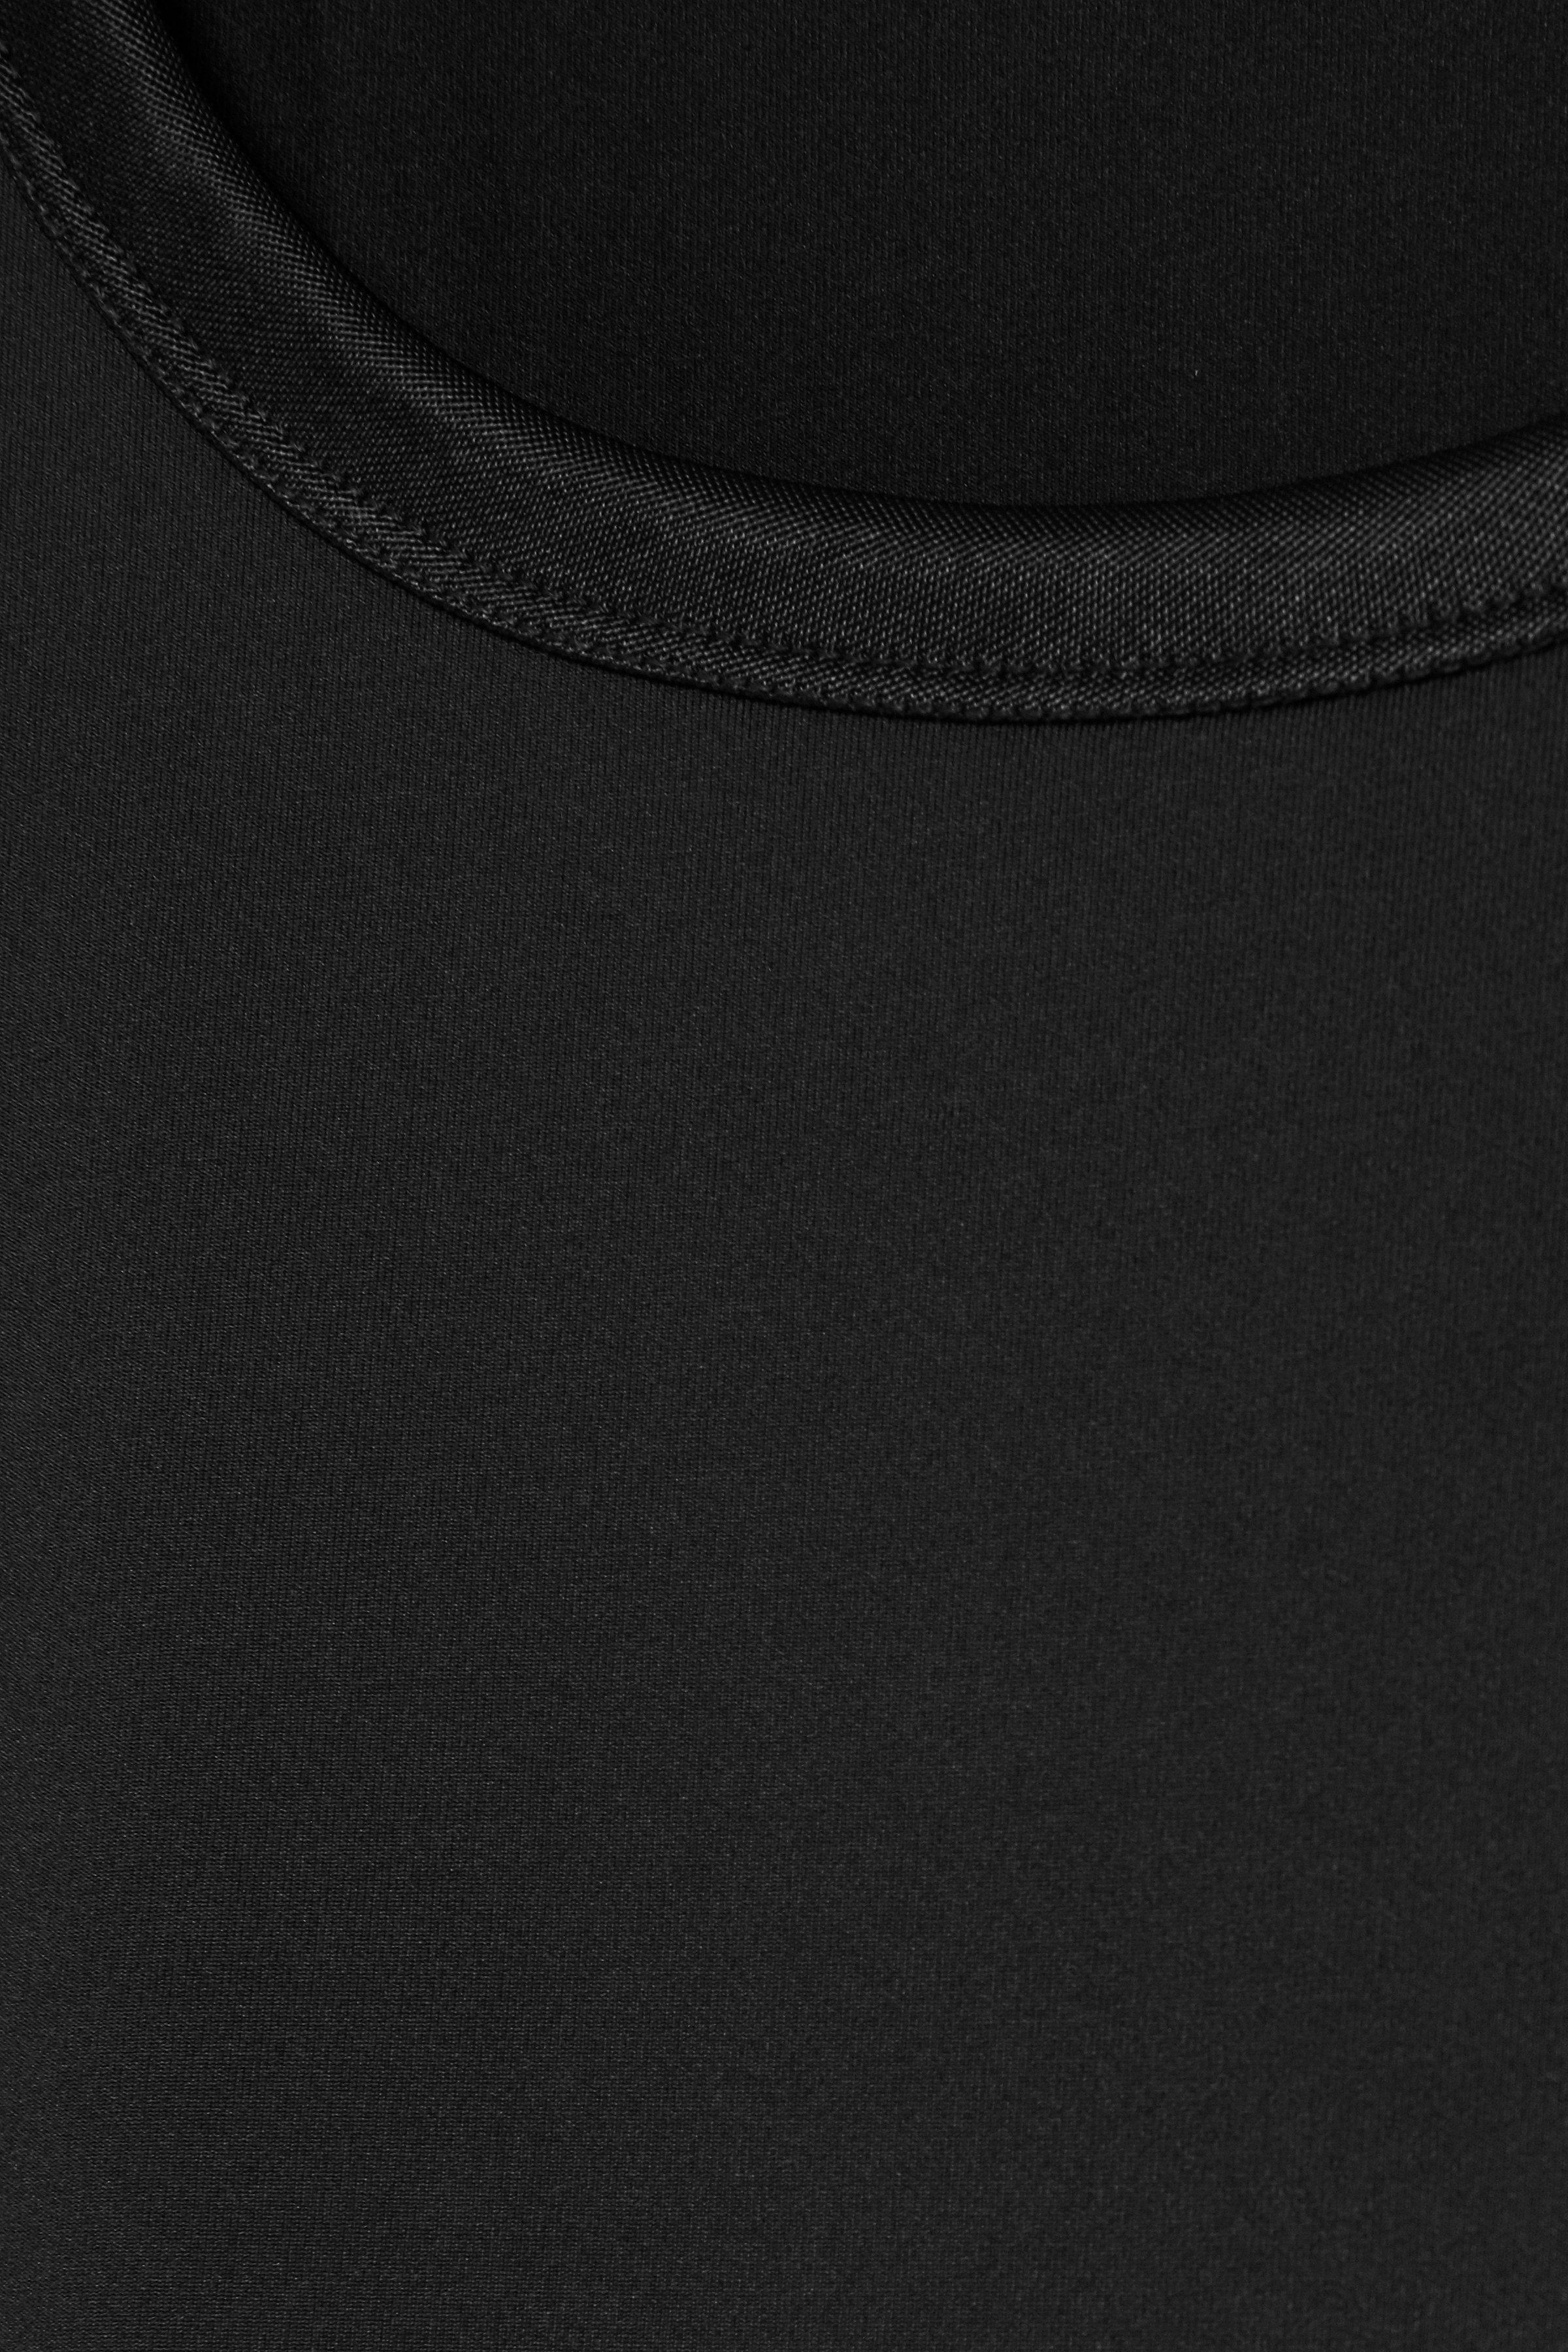 Black Jerseytop von b.young – Kaufen Sie Black Jerseytop aus Größe XS-XXL hier